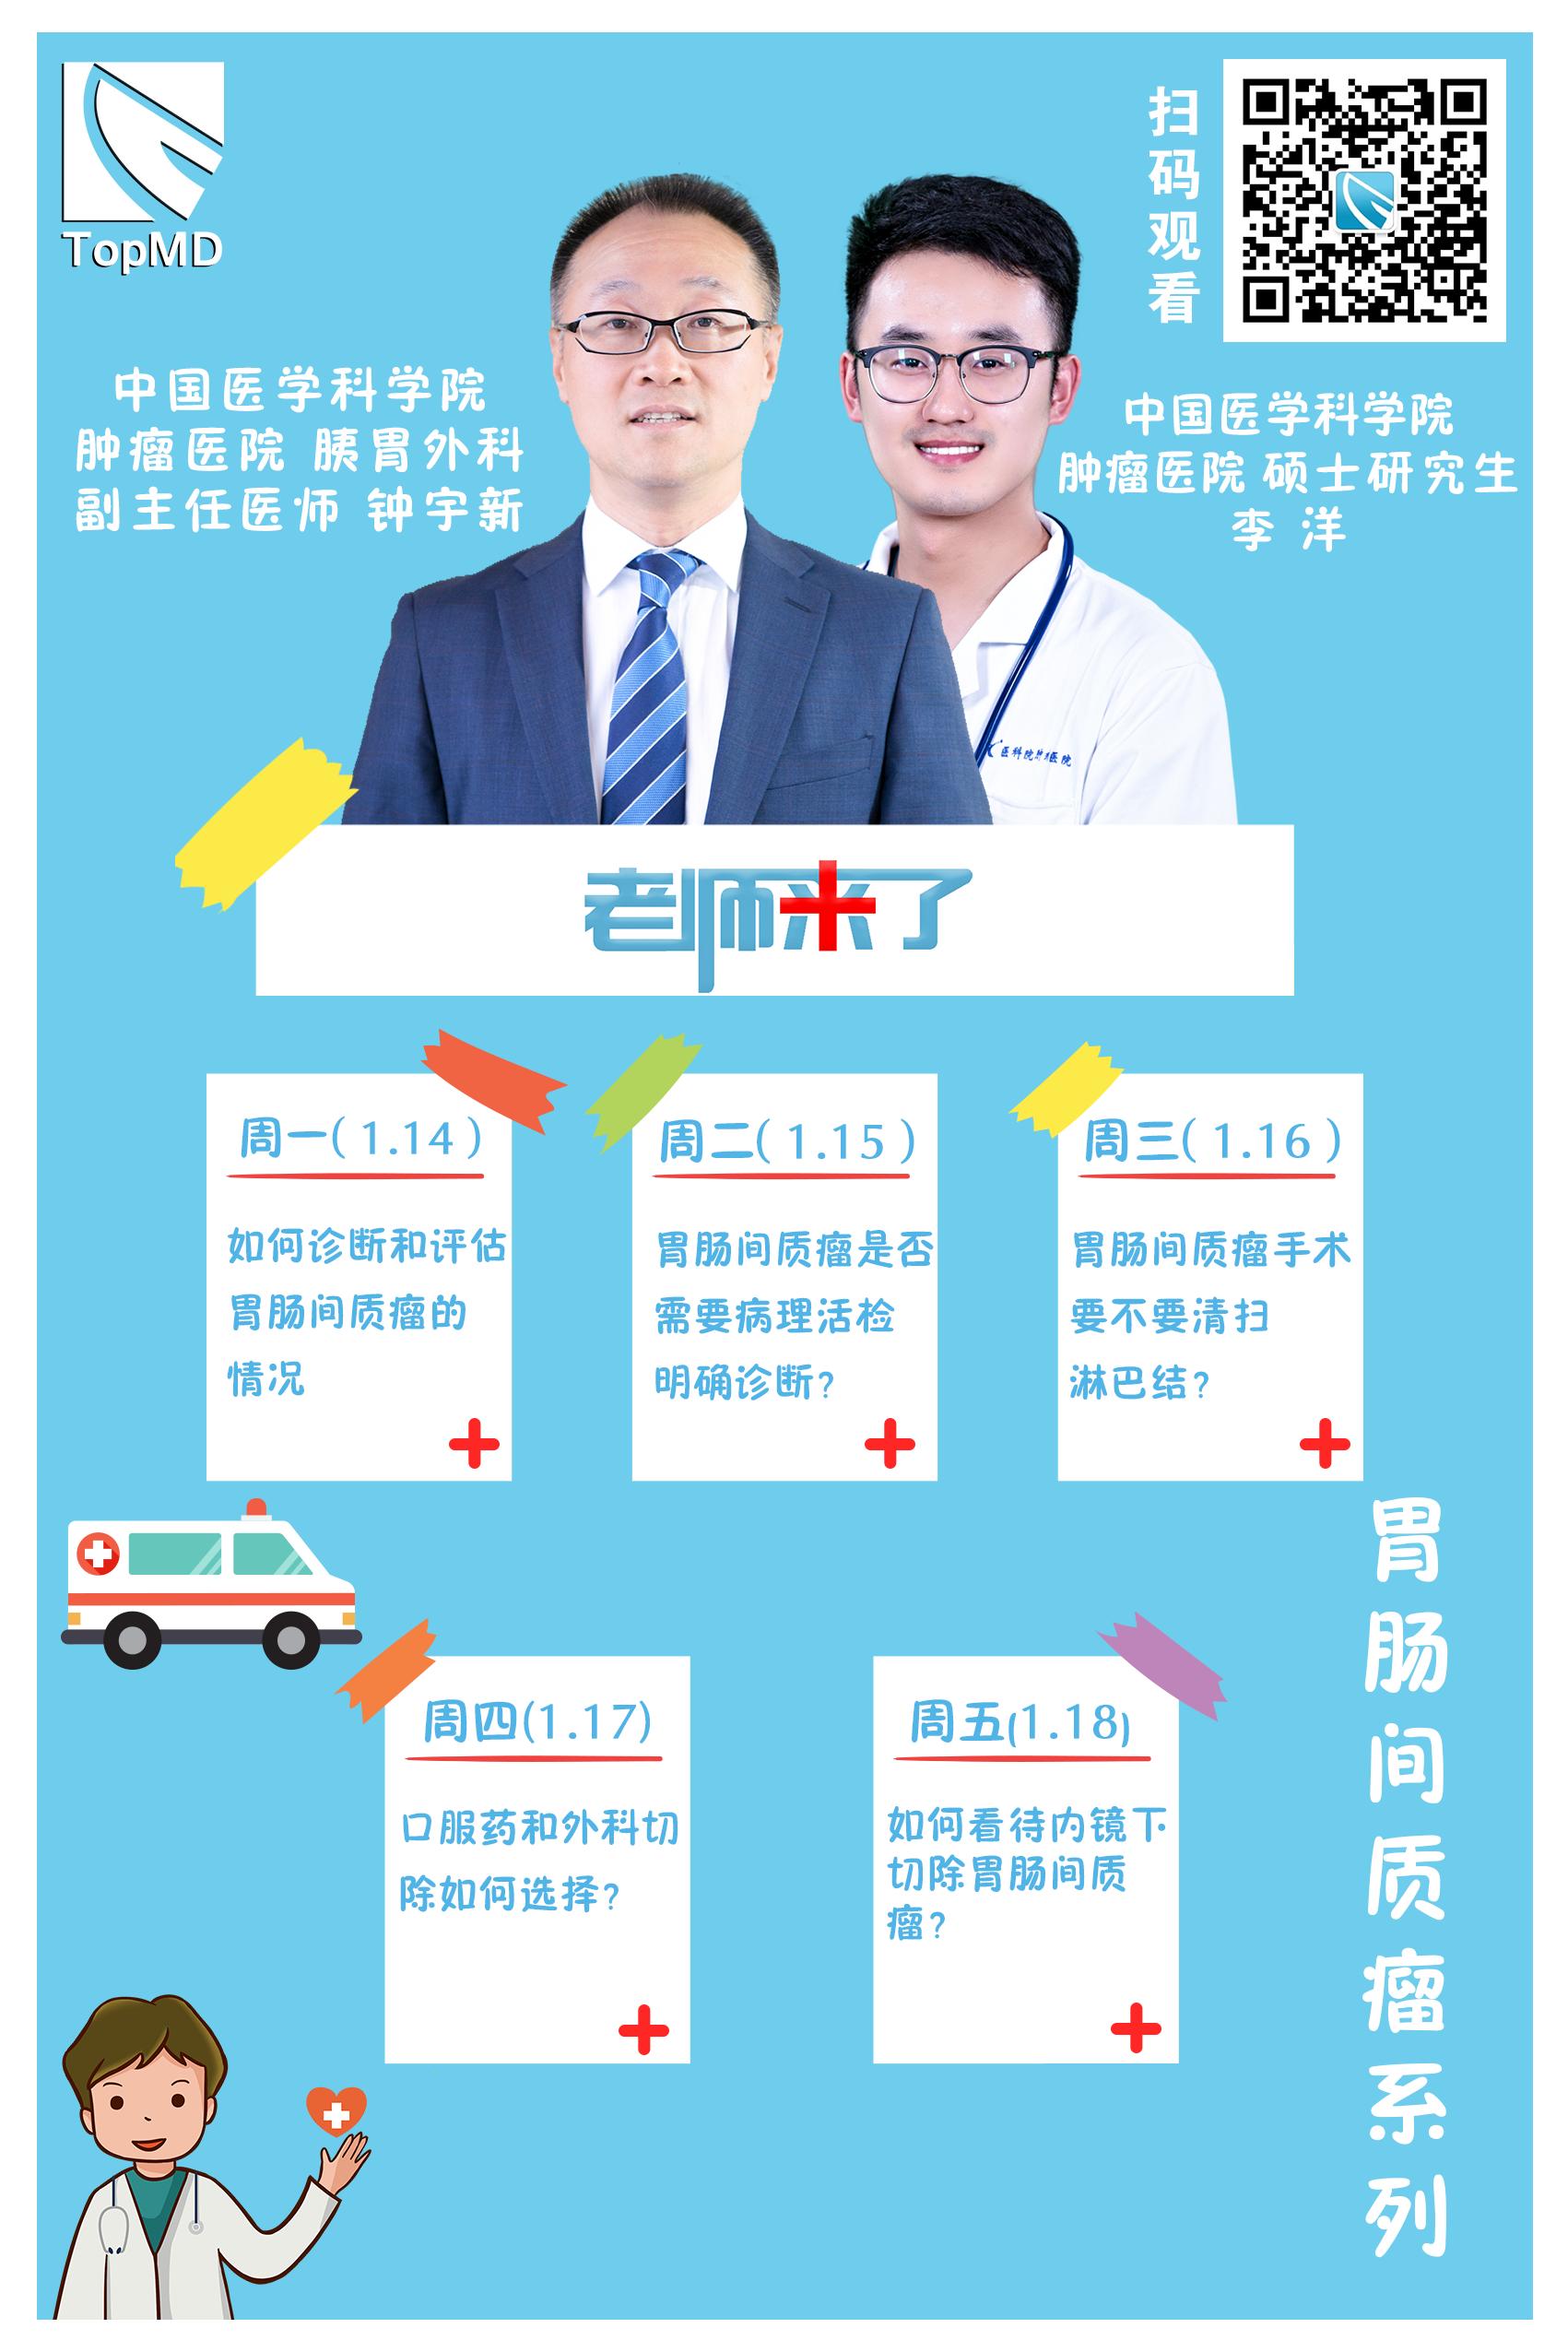 【老师来了】胃肠间质瘤手术需要清扫淋巴结吗?